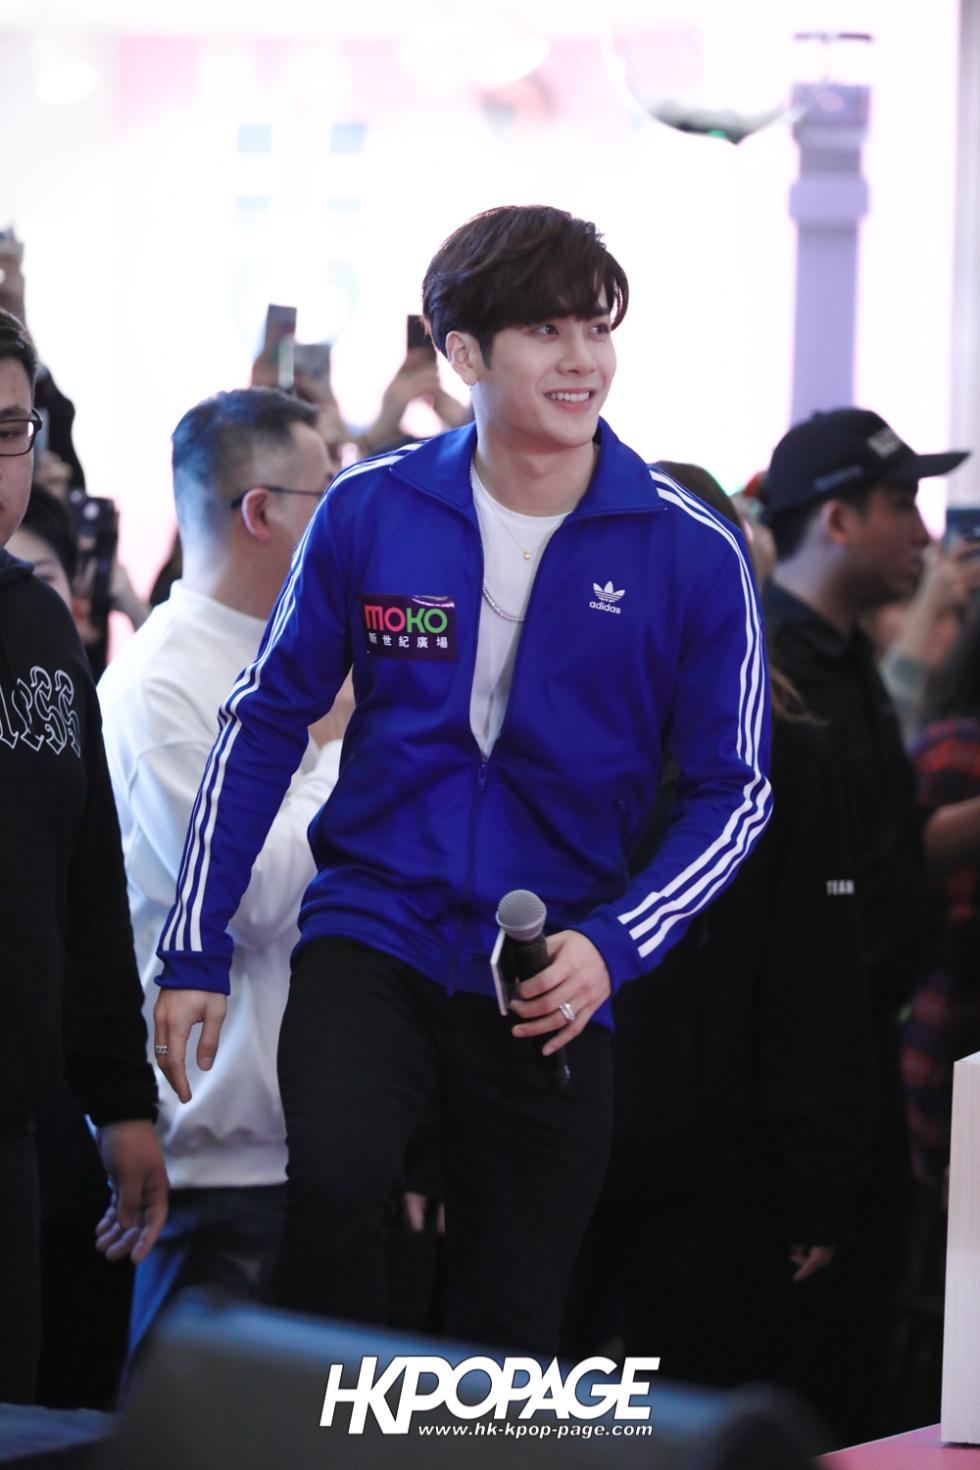 [HK.KPOP.PAGE] 180215_Jackson Wang MOKO Countdown Event_25